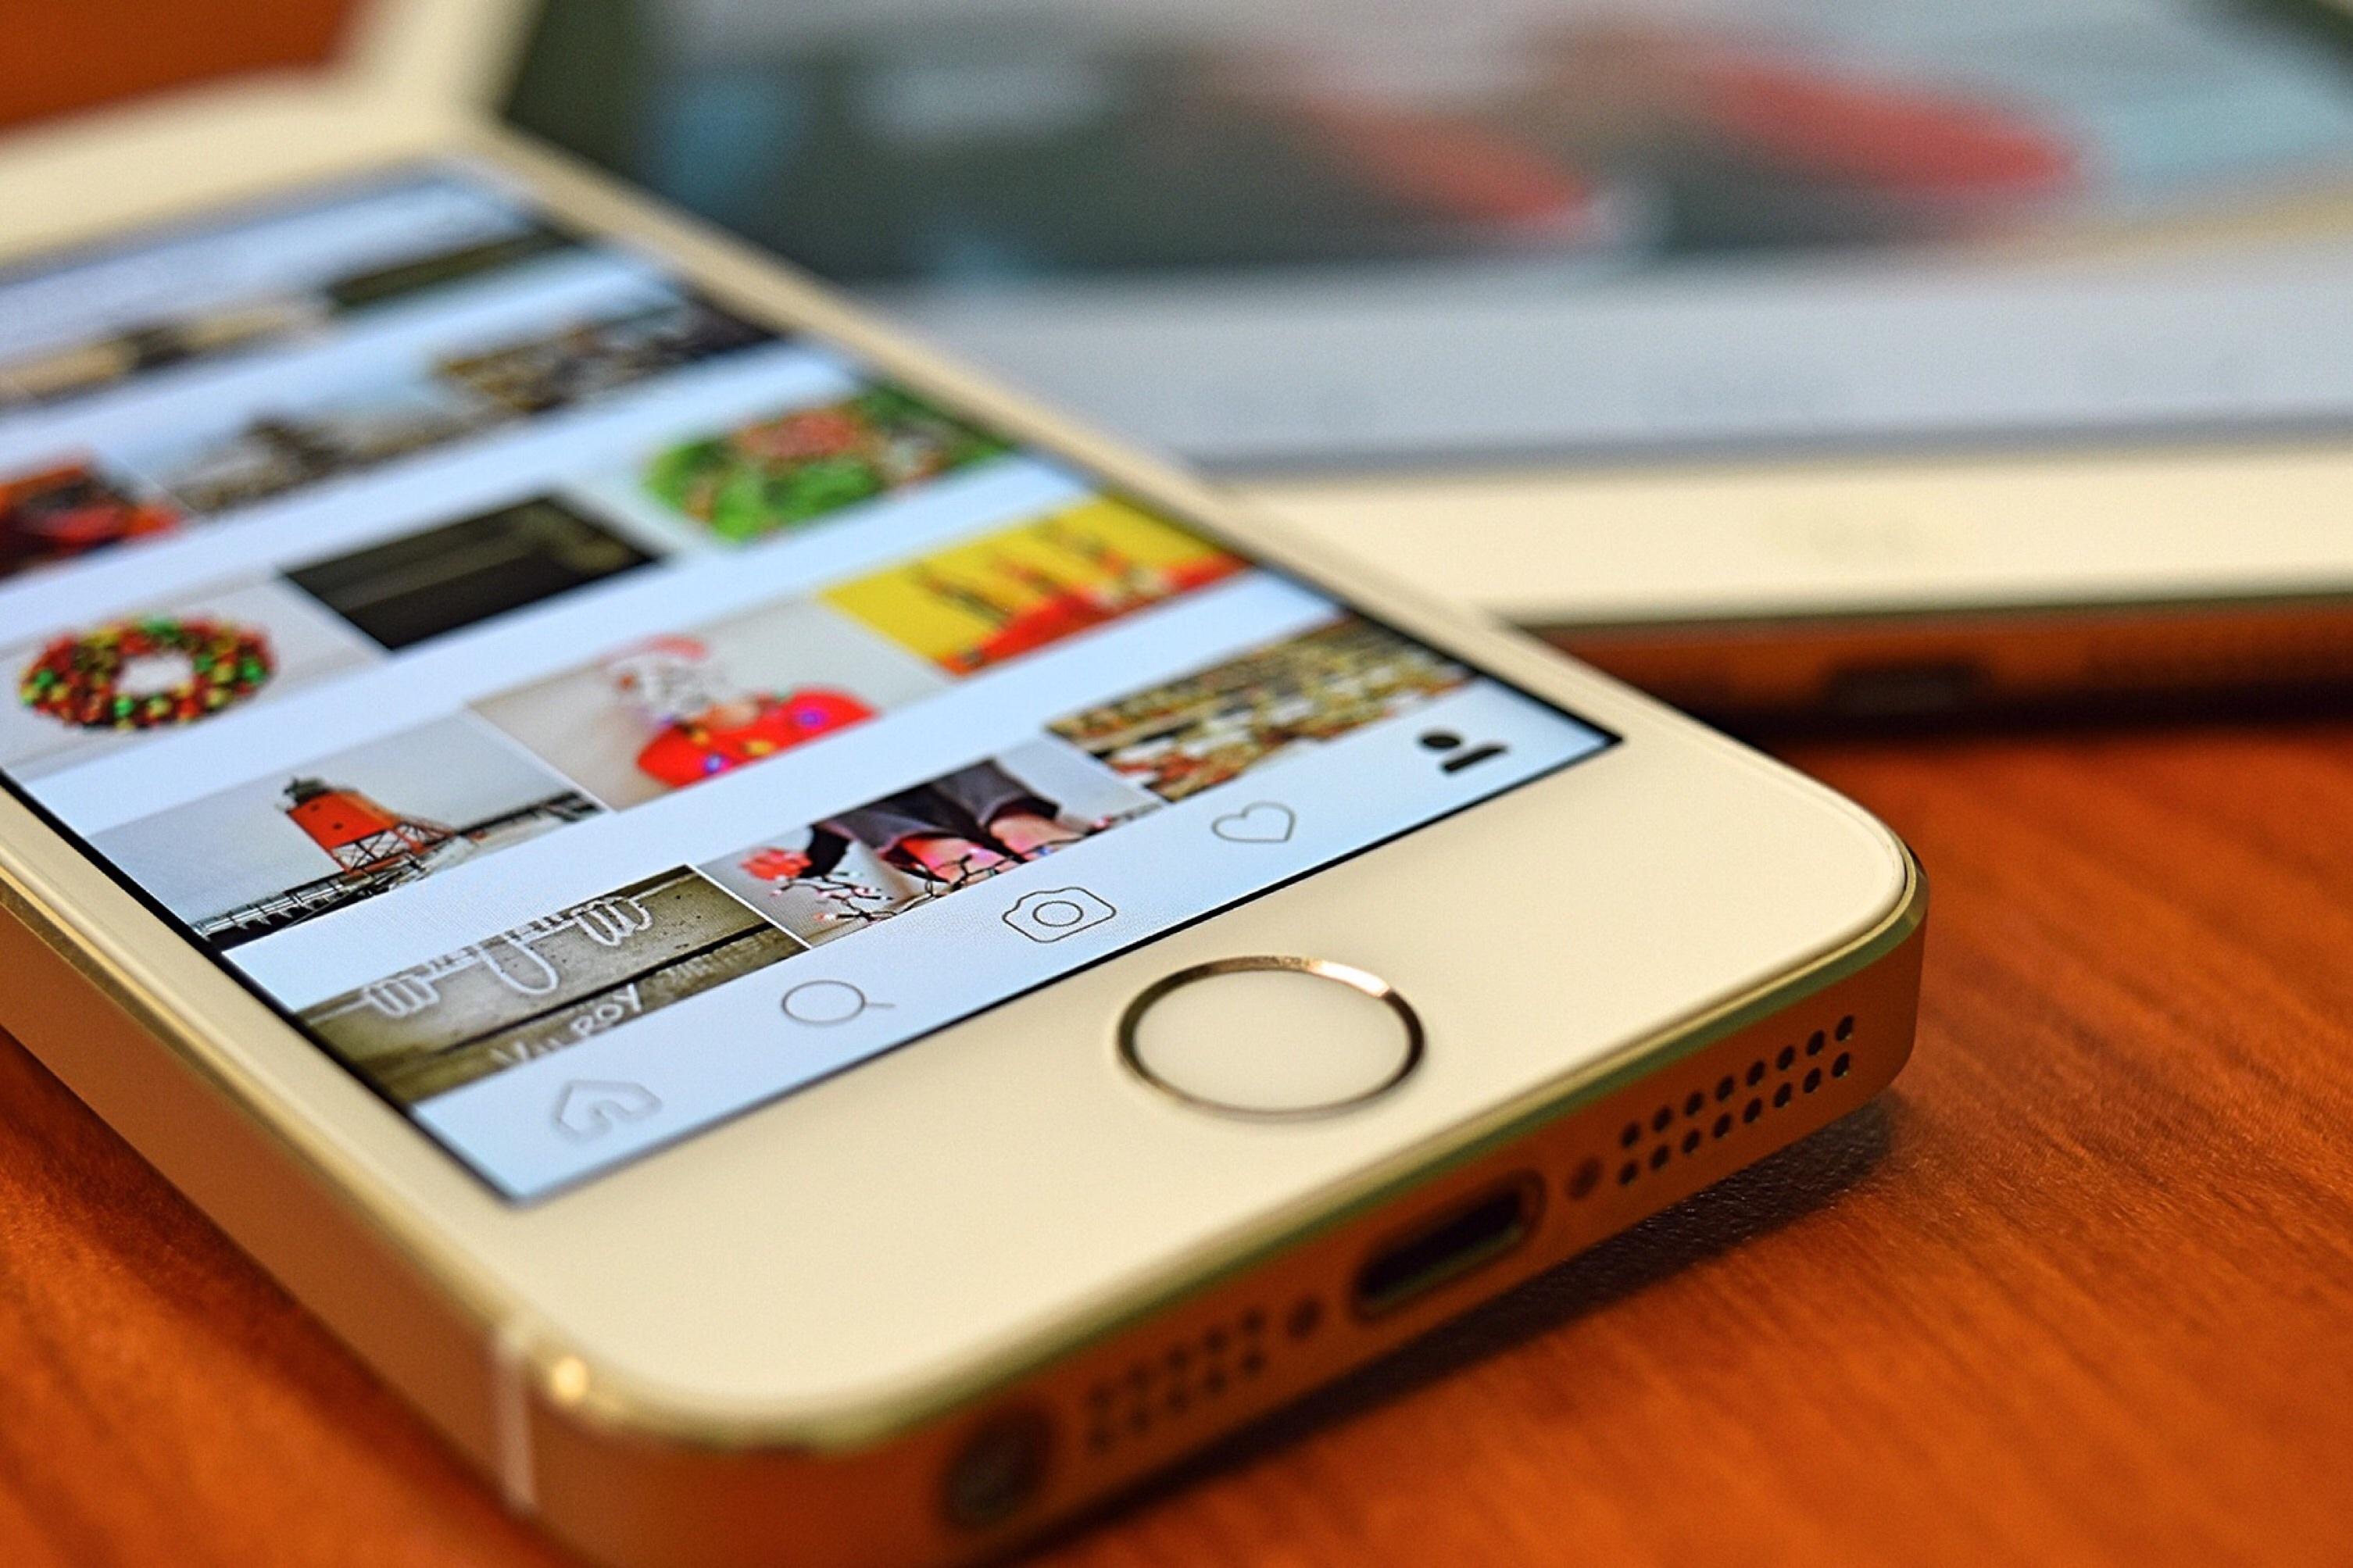 comment espionner un profil instagram